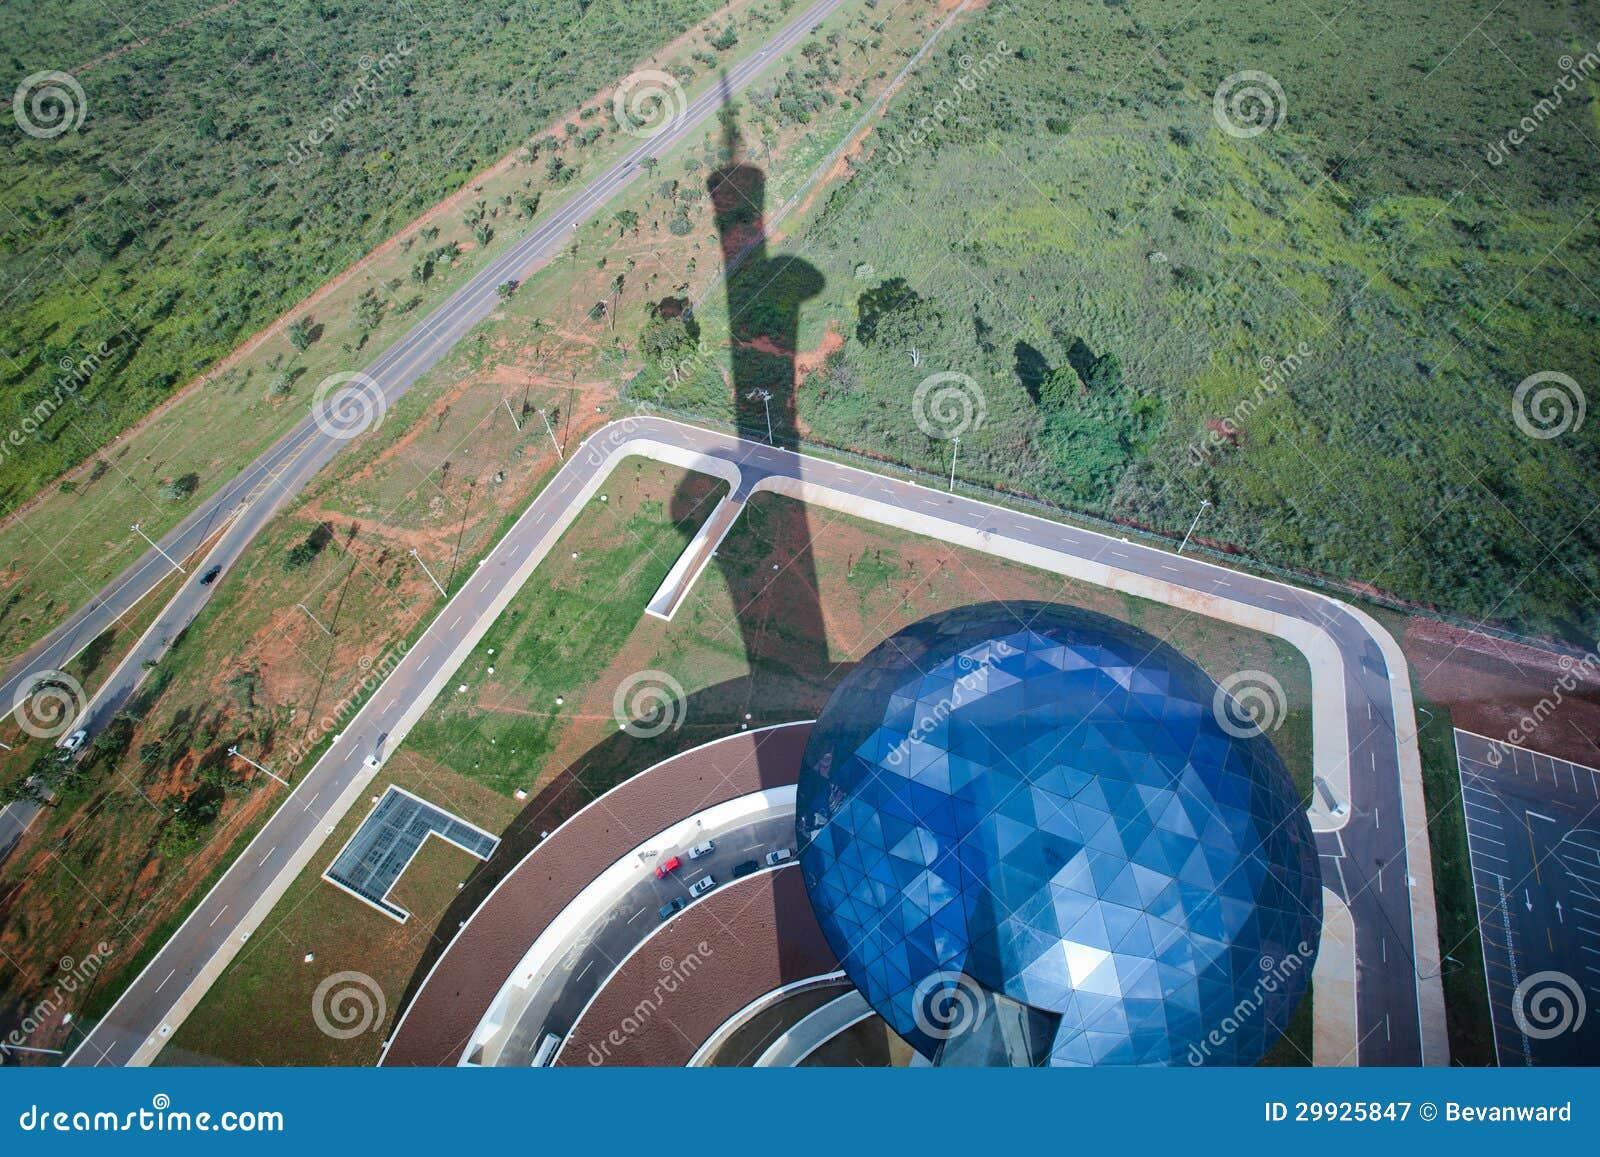 Sehen Sie das Schauen unten von Brasilien Digital Fernsehturm an